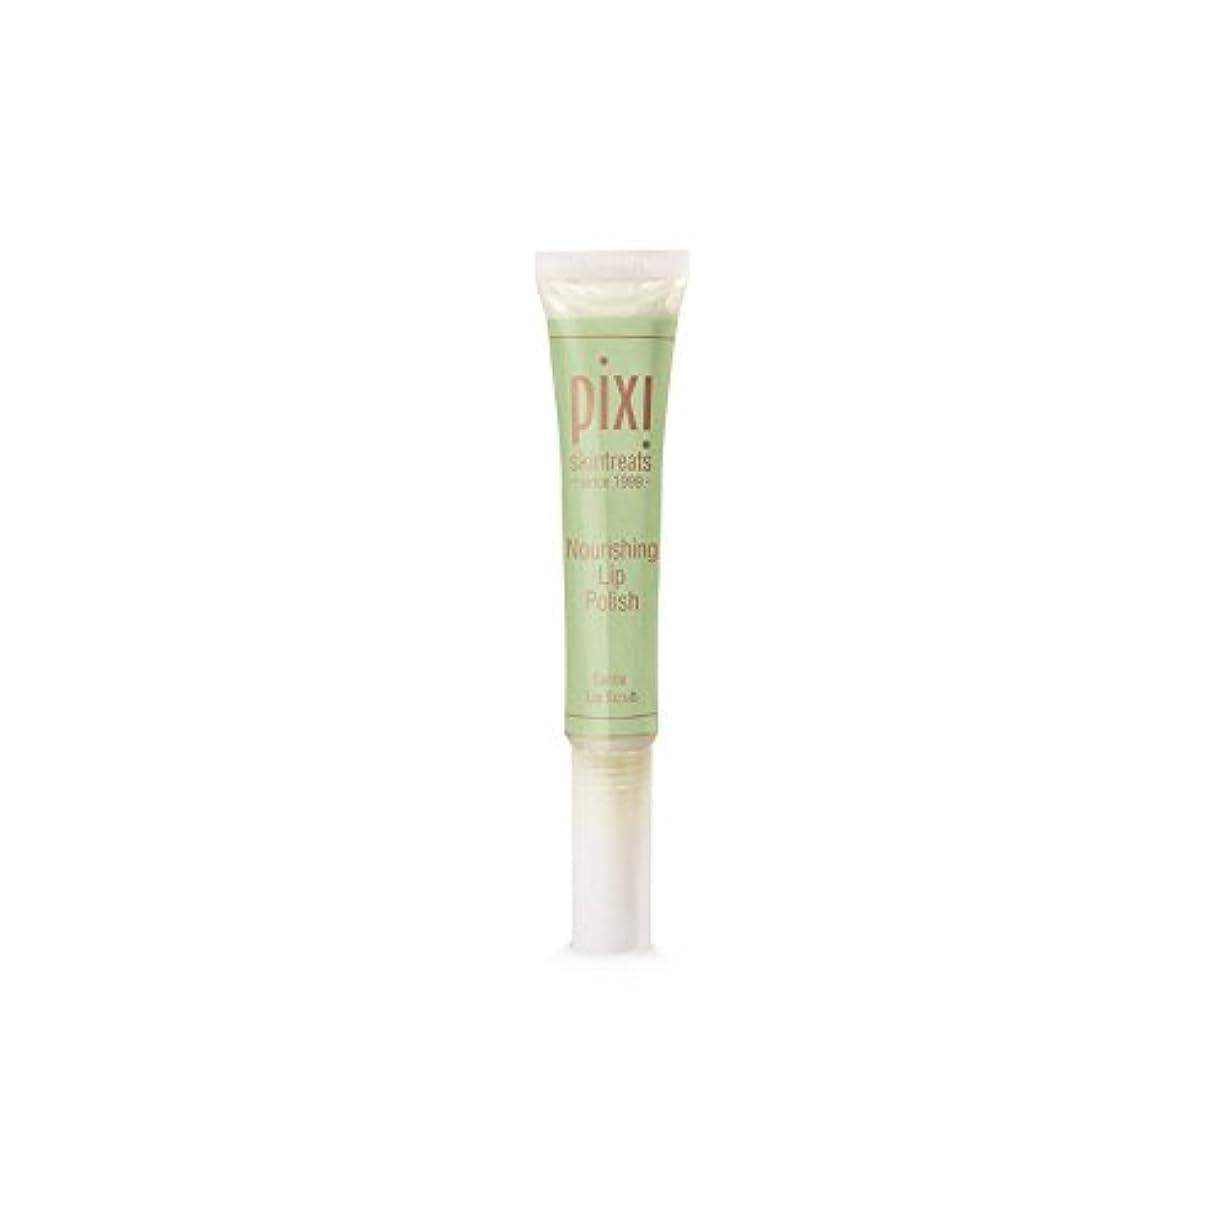 トンネルフリルふつうPixi Nourishing Lip Polish - 栄養リップポリッシュ [並行輸入品]